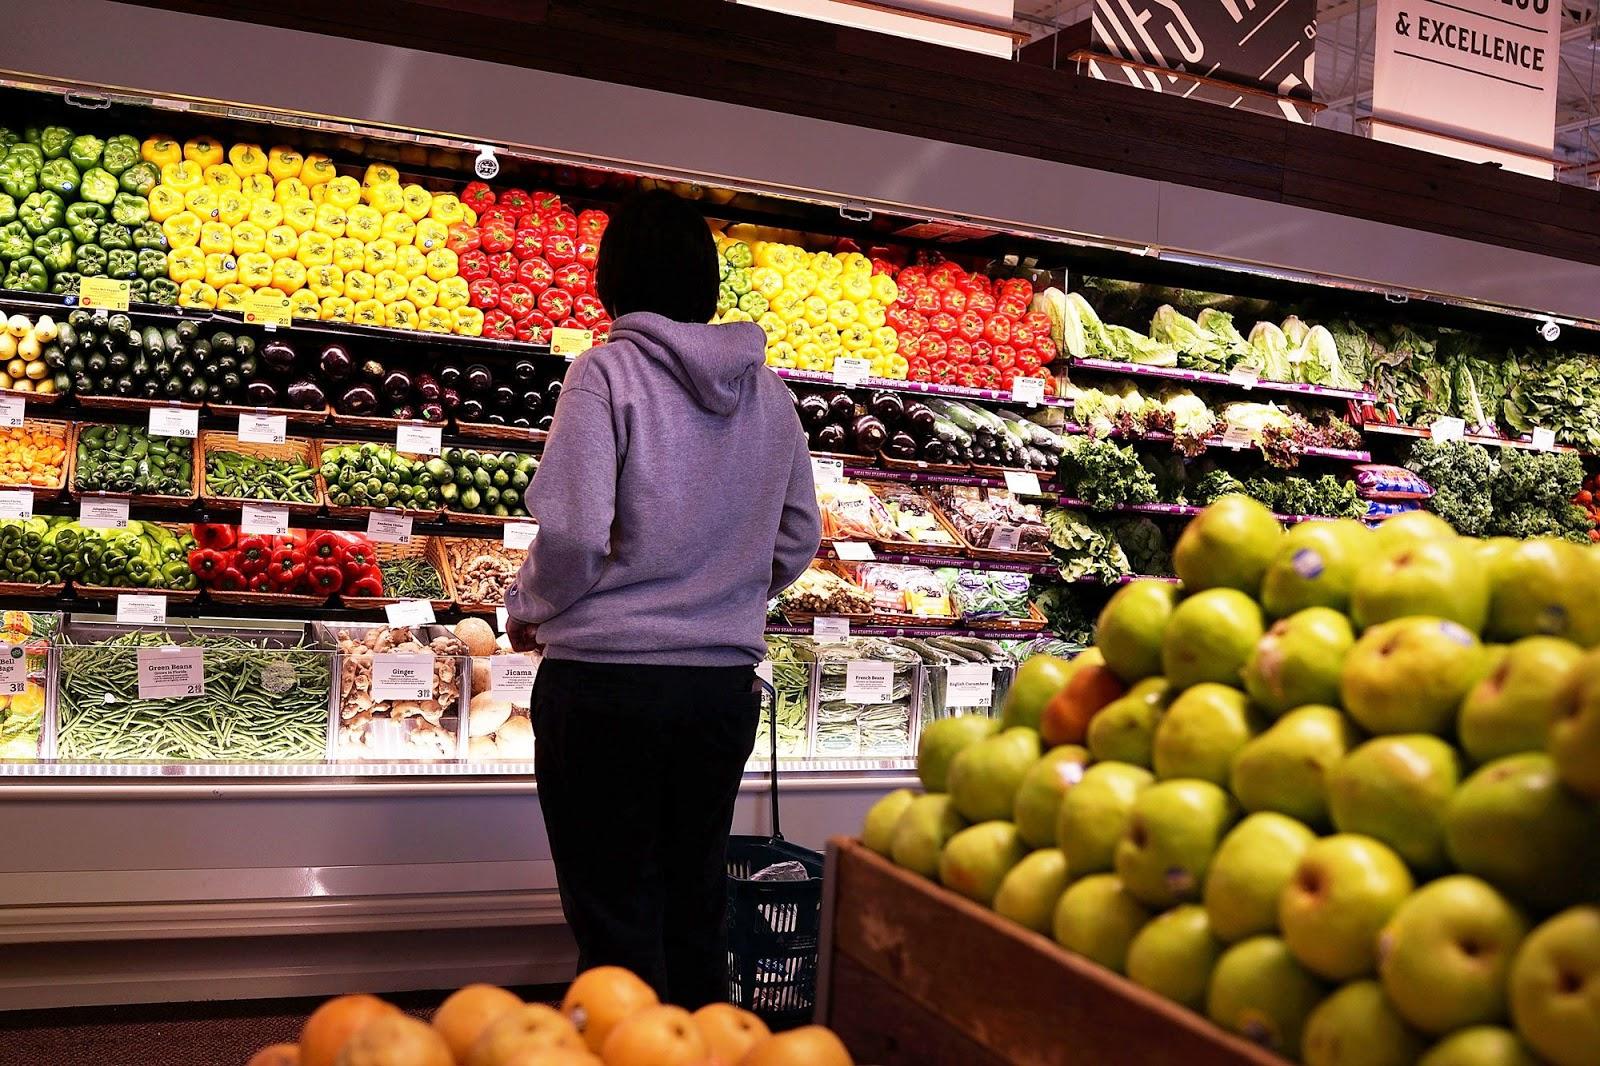 ¡Baje sus facturas de supermercado y pierda peso!